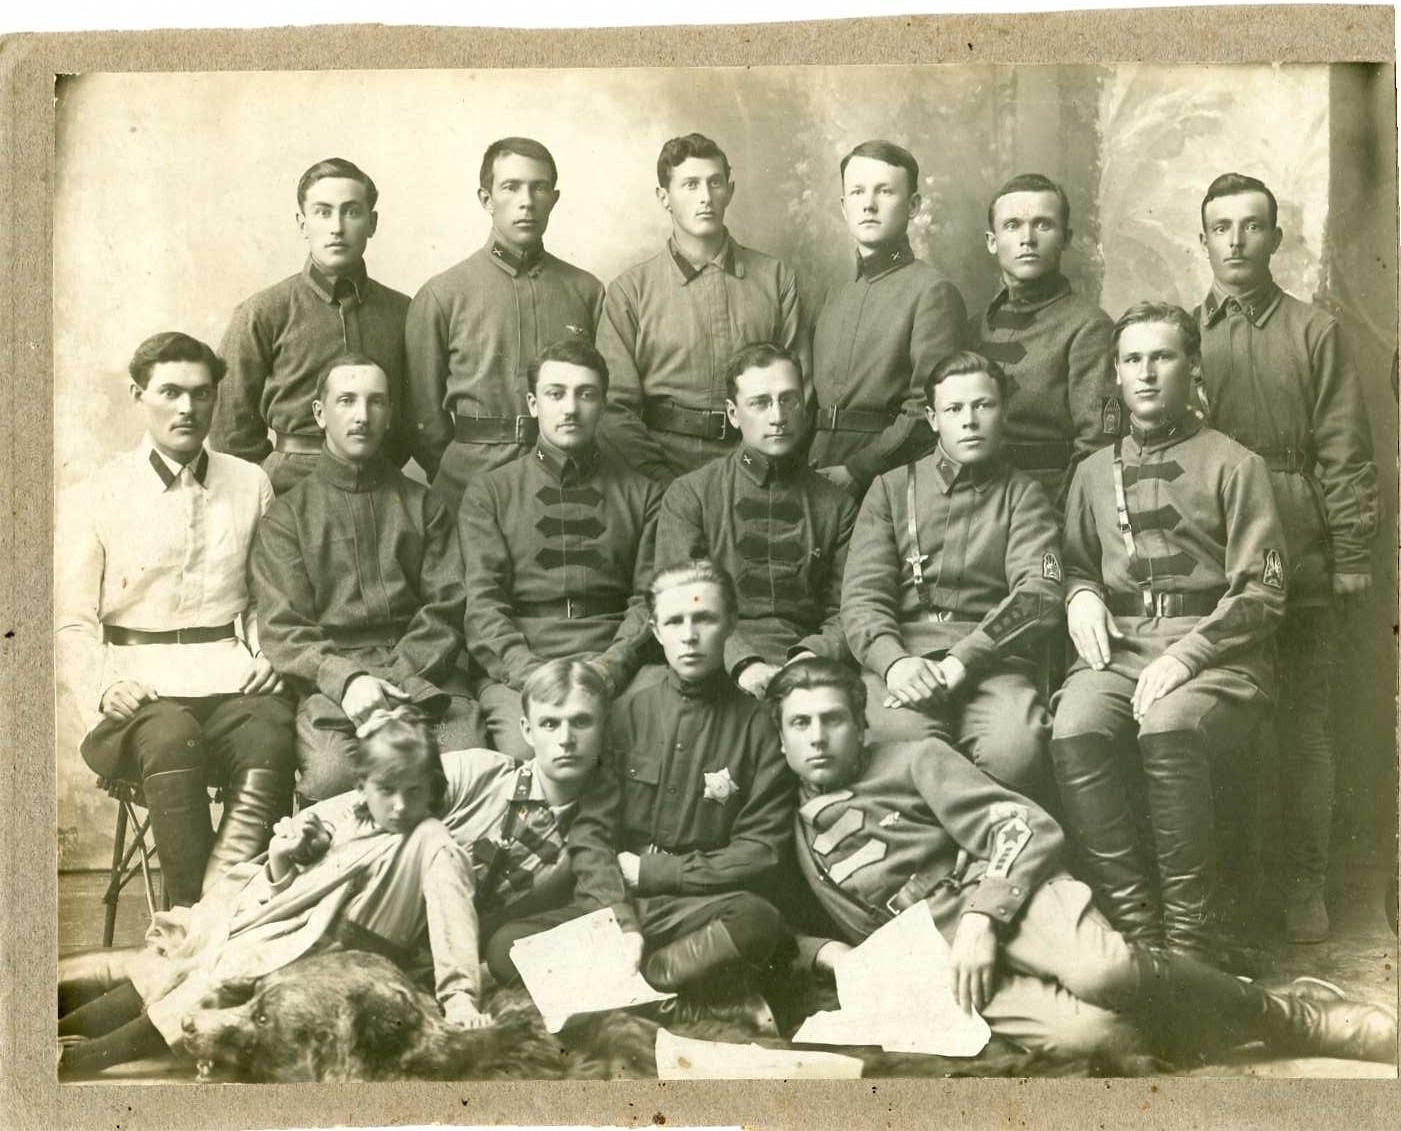 1924. Группа курсантов ВПШ. Ташкент